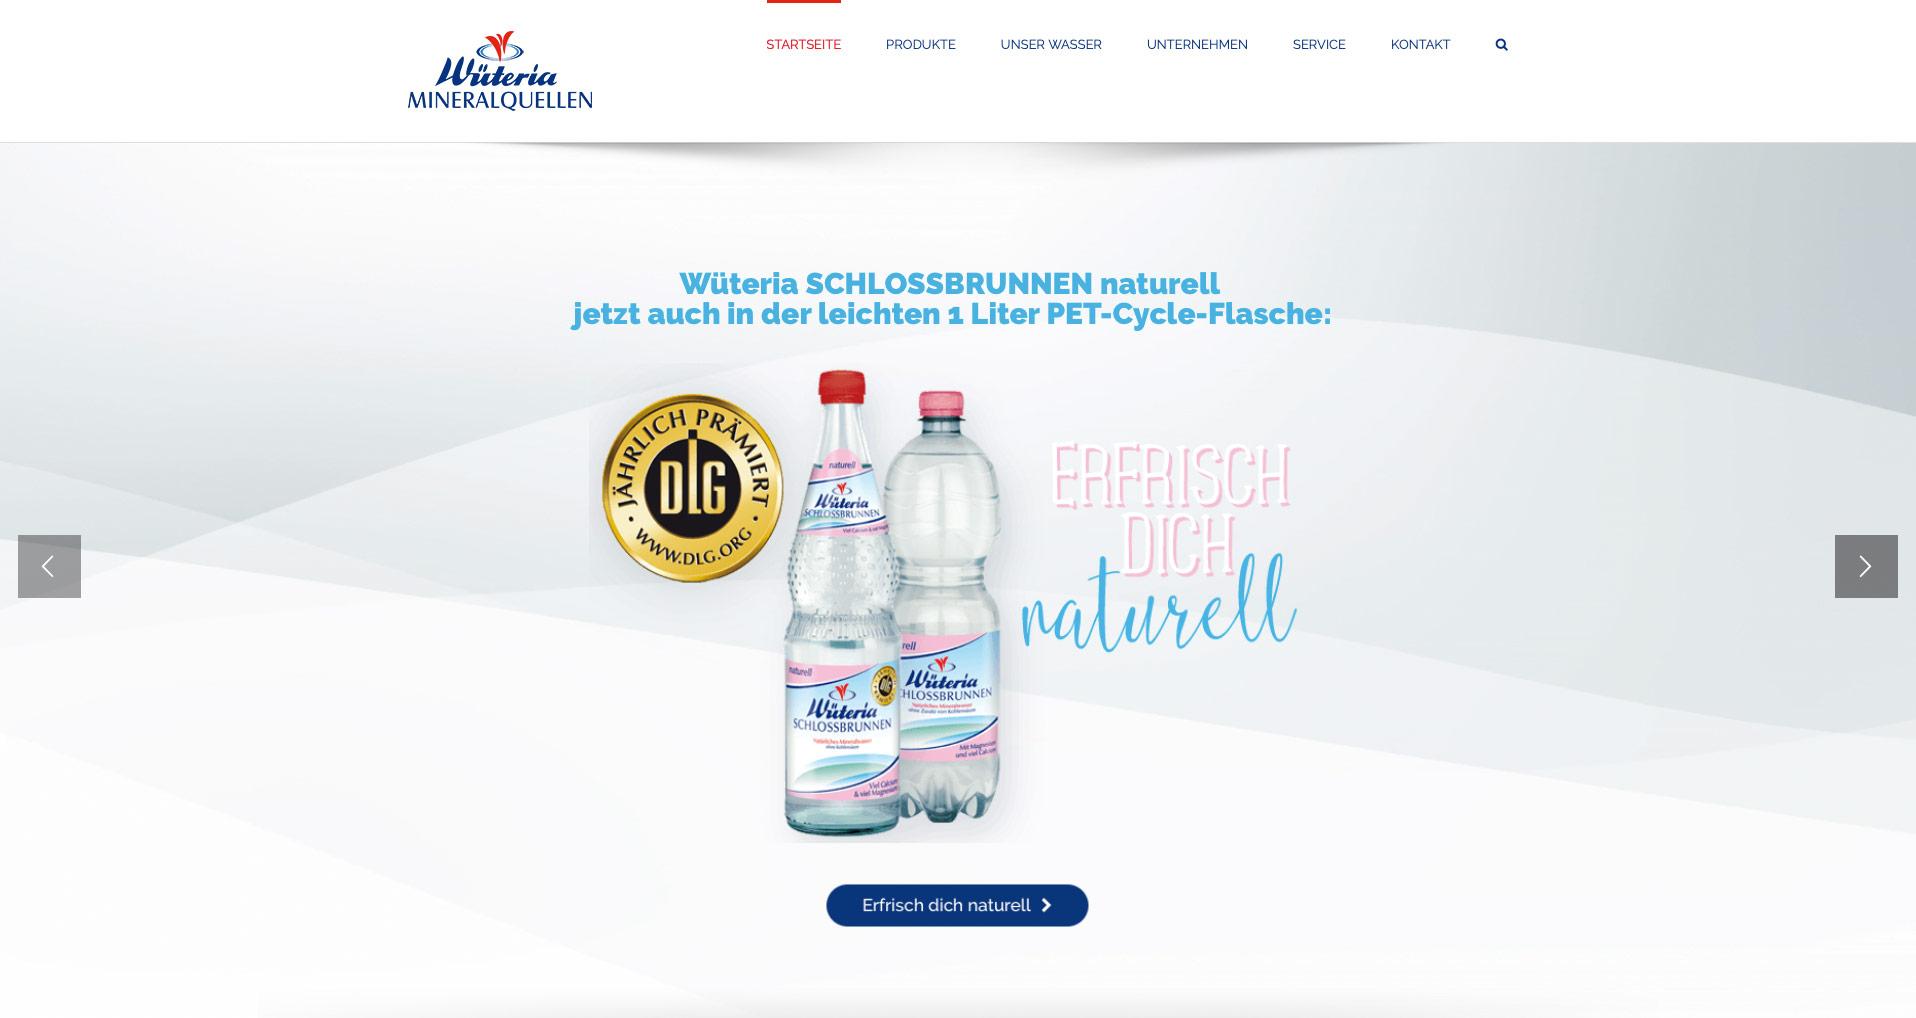 P1XEL - WordPress Webseite für den Getränkehersteller Wüteria Mineralquellen in Gemmingen